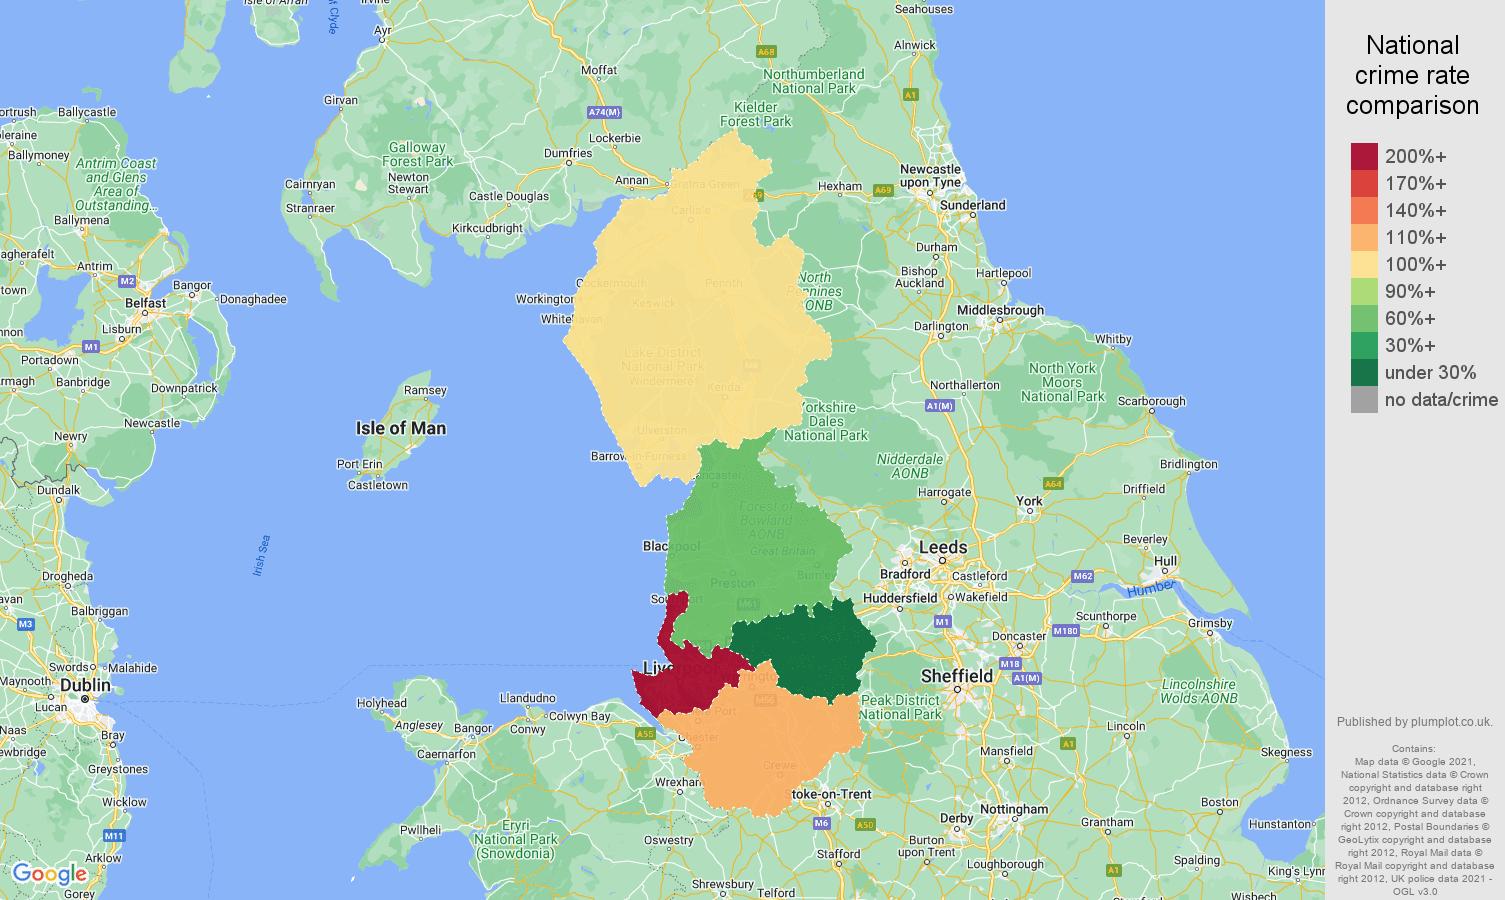 North West public order crime rate comparison map